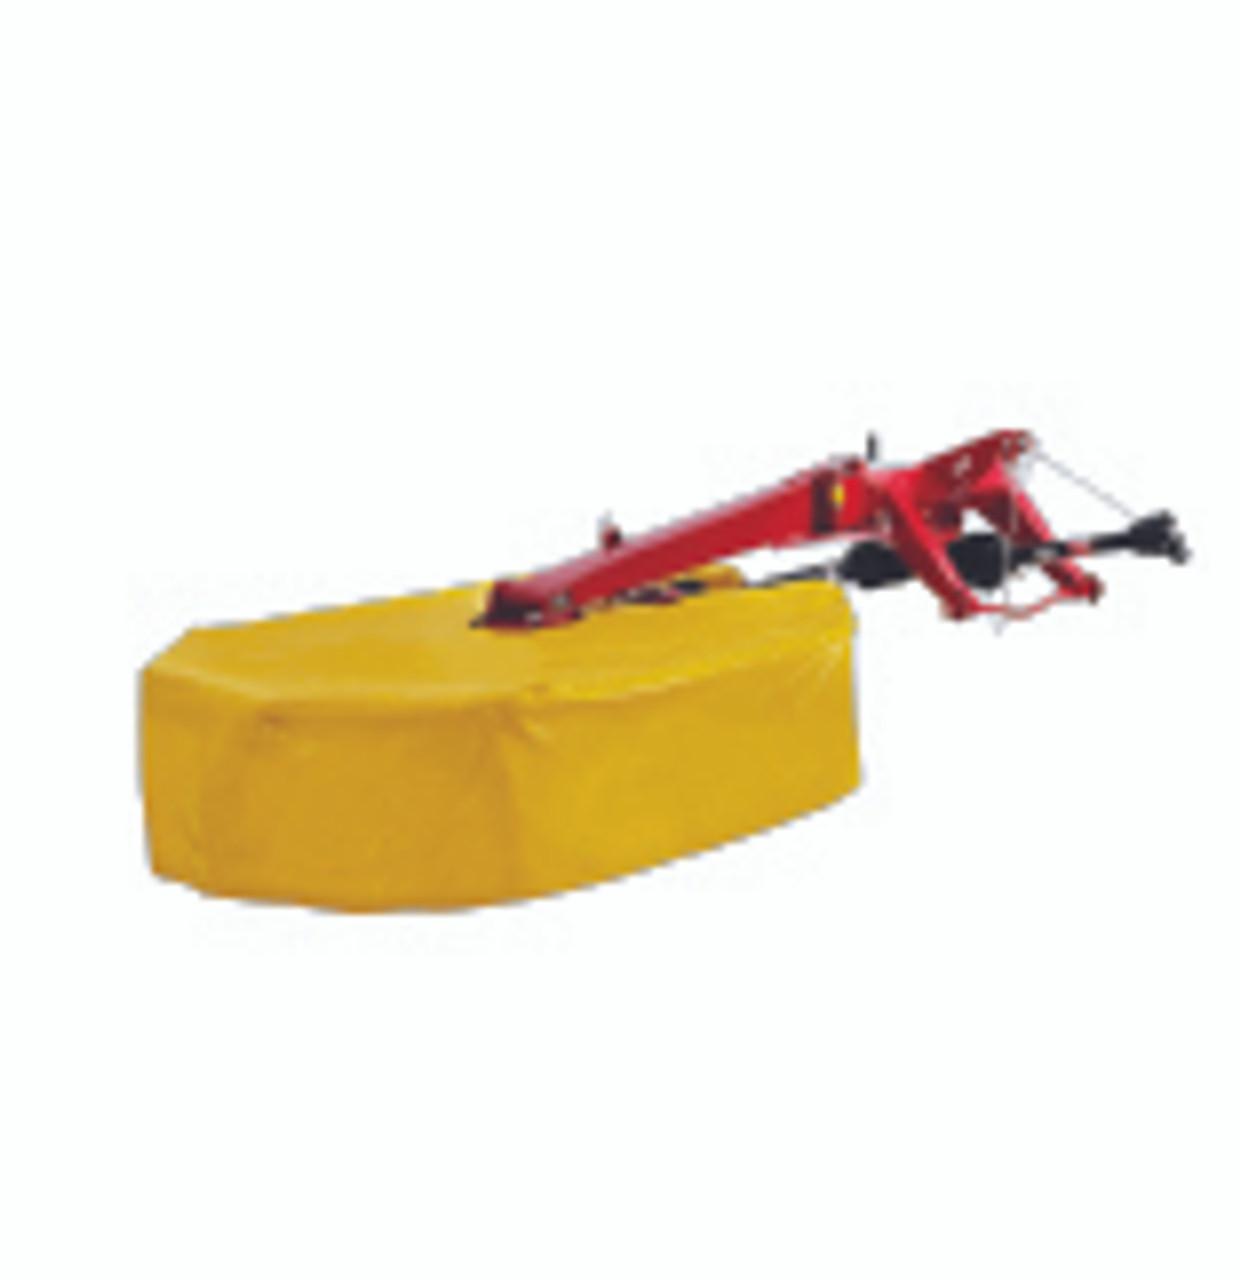 TM67 Drum Mower